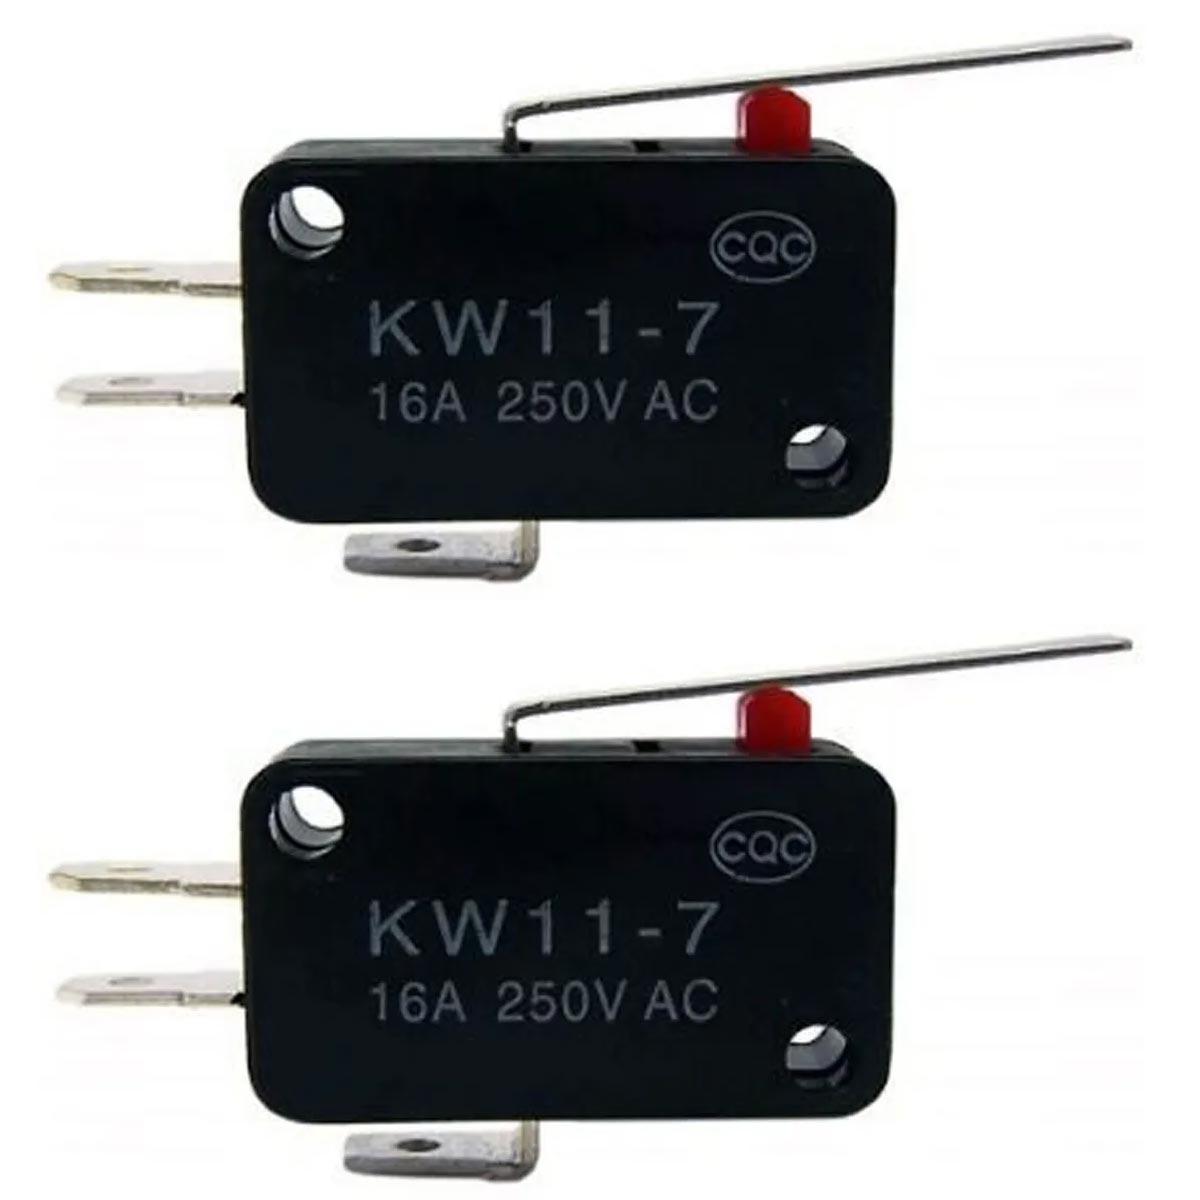 2x Chave Micro Switch KW11-7-3 2T 16A 27mm Fim de Curso